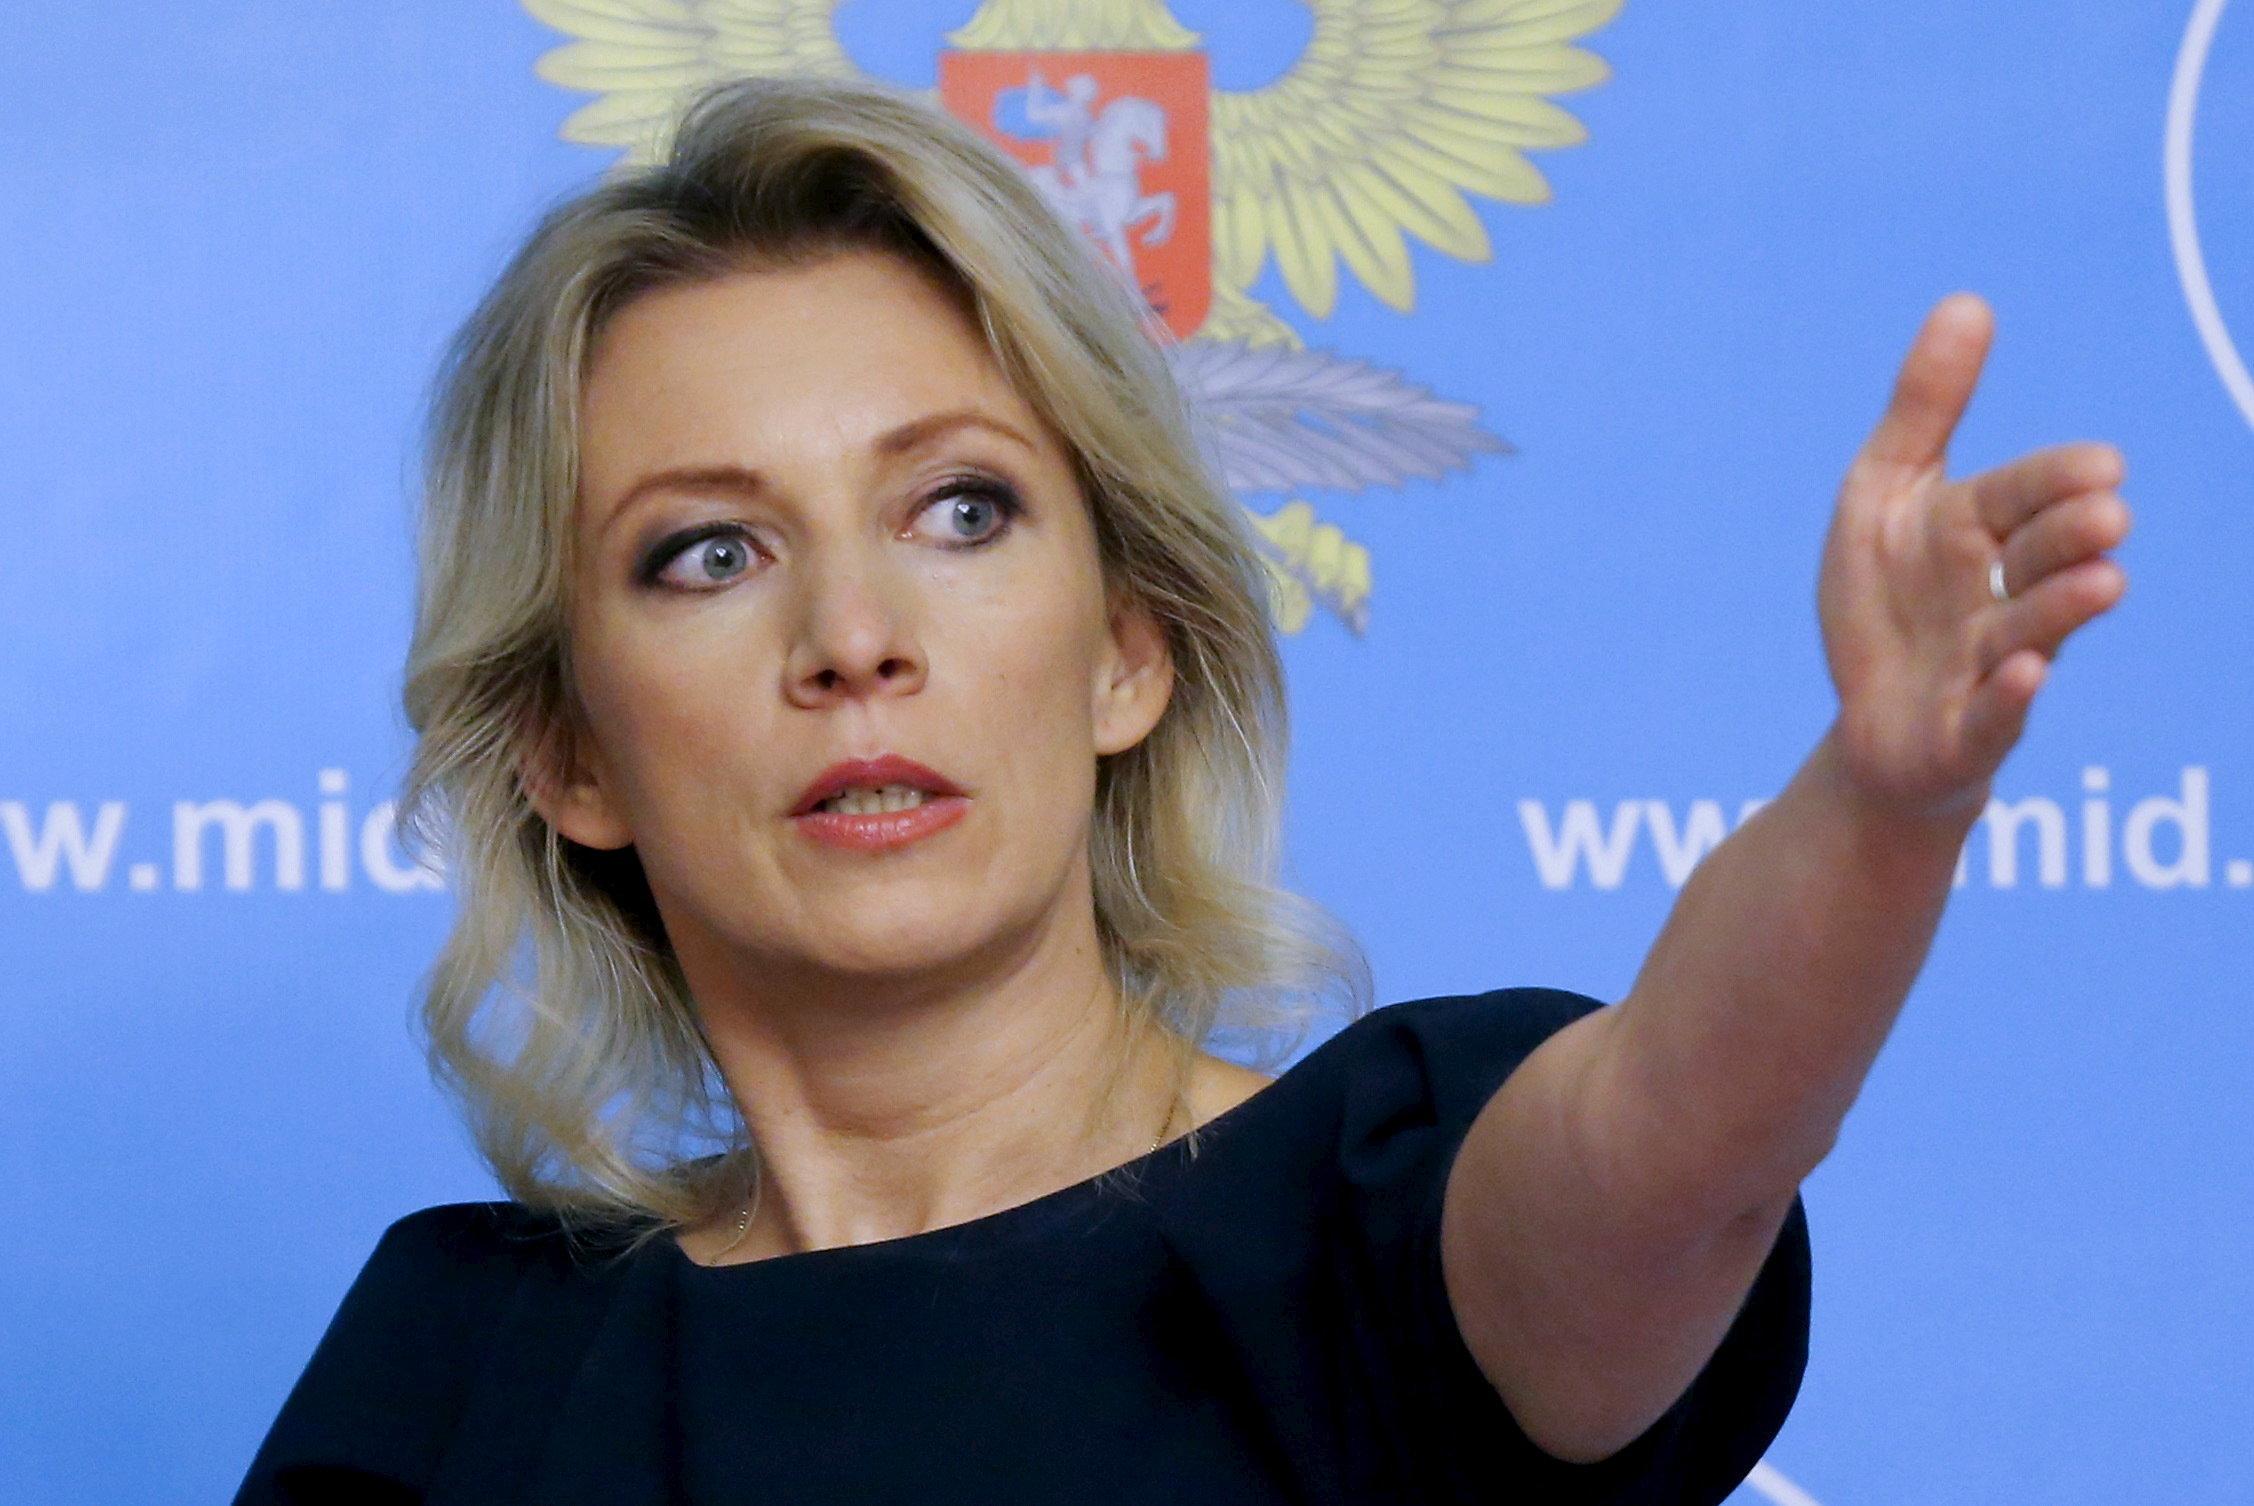 Η εκπρόσωπος τύπου της ρωσικής διπλωματίας κατήγγειλε ότι δέχθηκε σεξουαλική